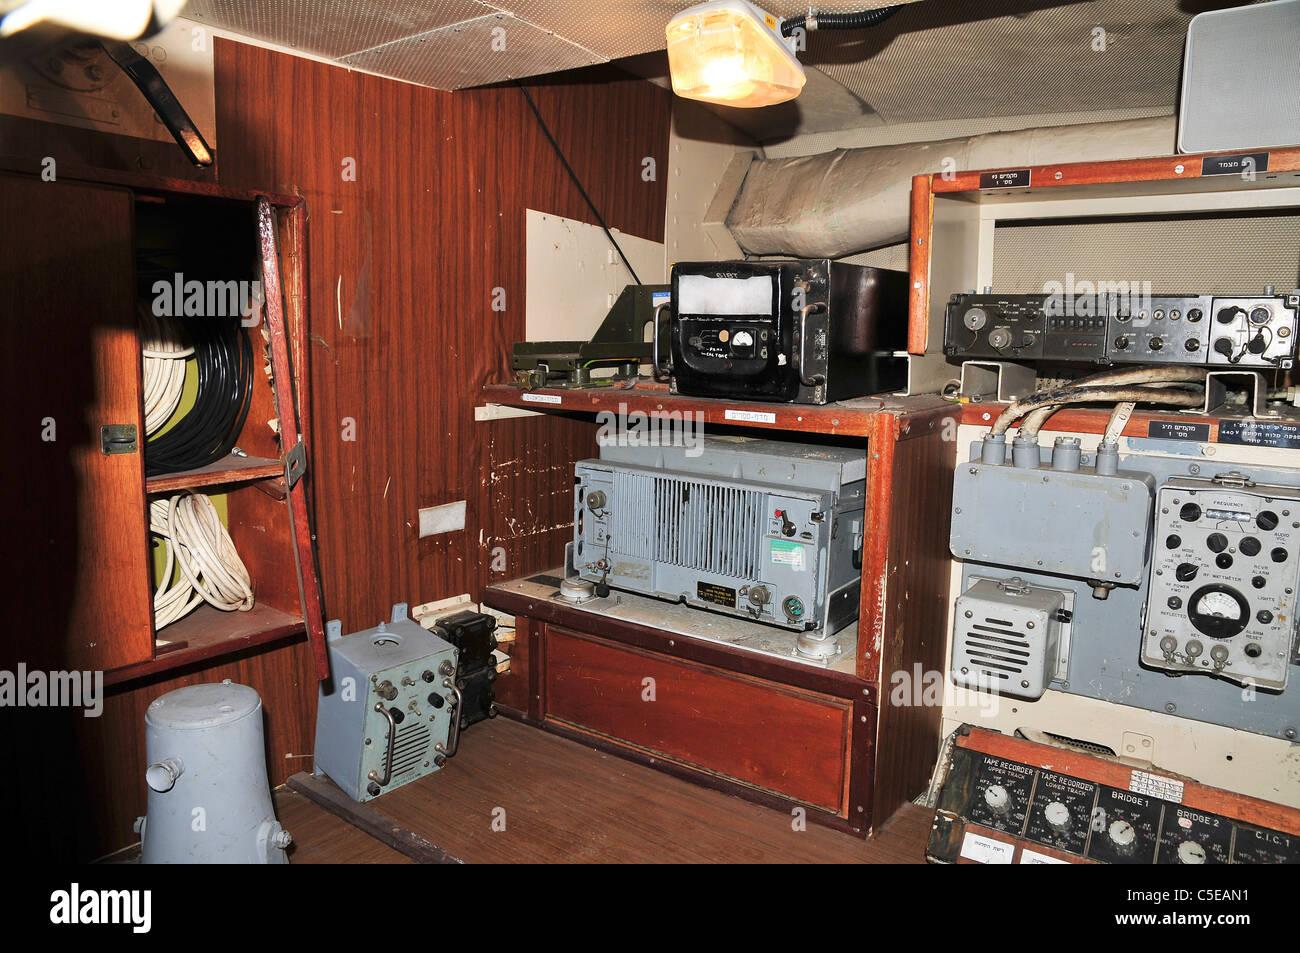 https://c8.alamy.com/compde/c5ean1/interieur-von-der-israelischen-marine-rakete-boot-ins-mivtach-kommunikation-zimmer-c5ean1.jpg